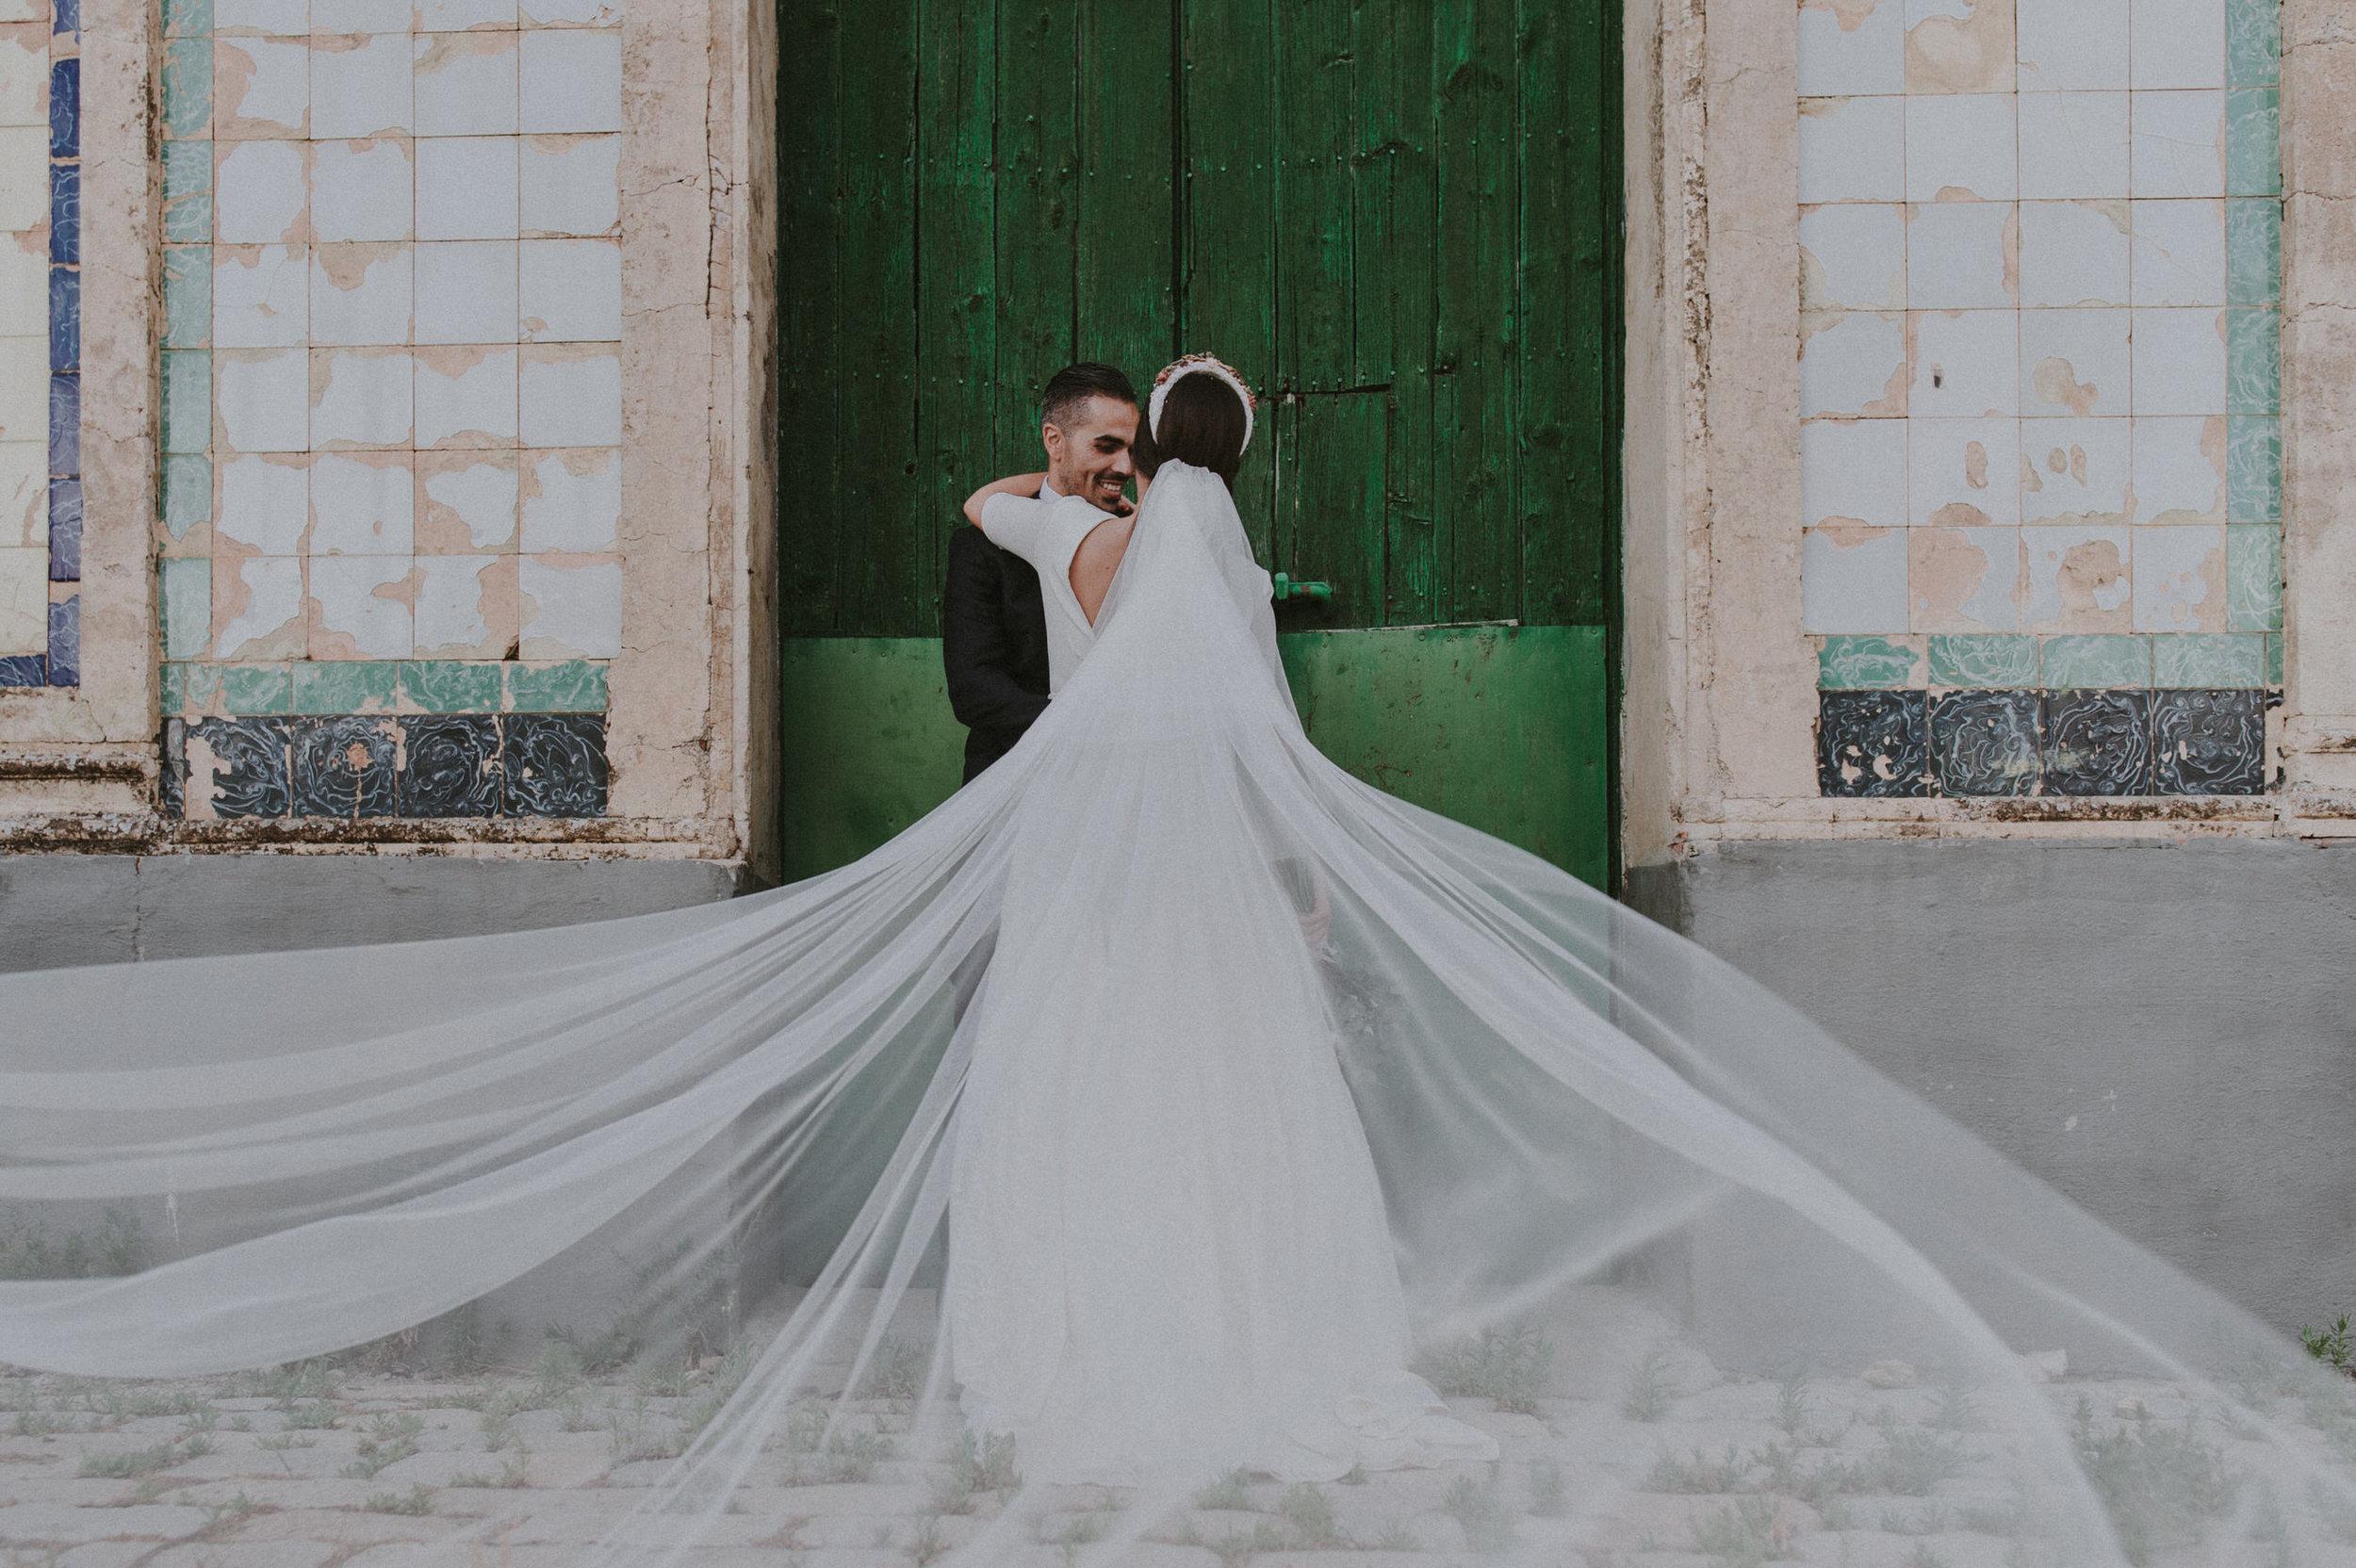 Rocío & Antonio - Boda en Consolación y Rovira Utrera - fotógrafo Andrés Amarillo  (30).JPG